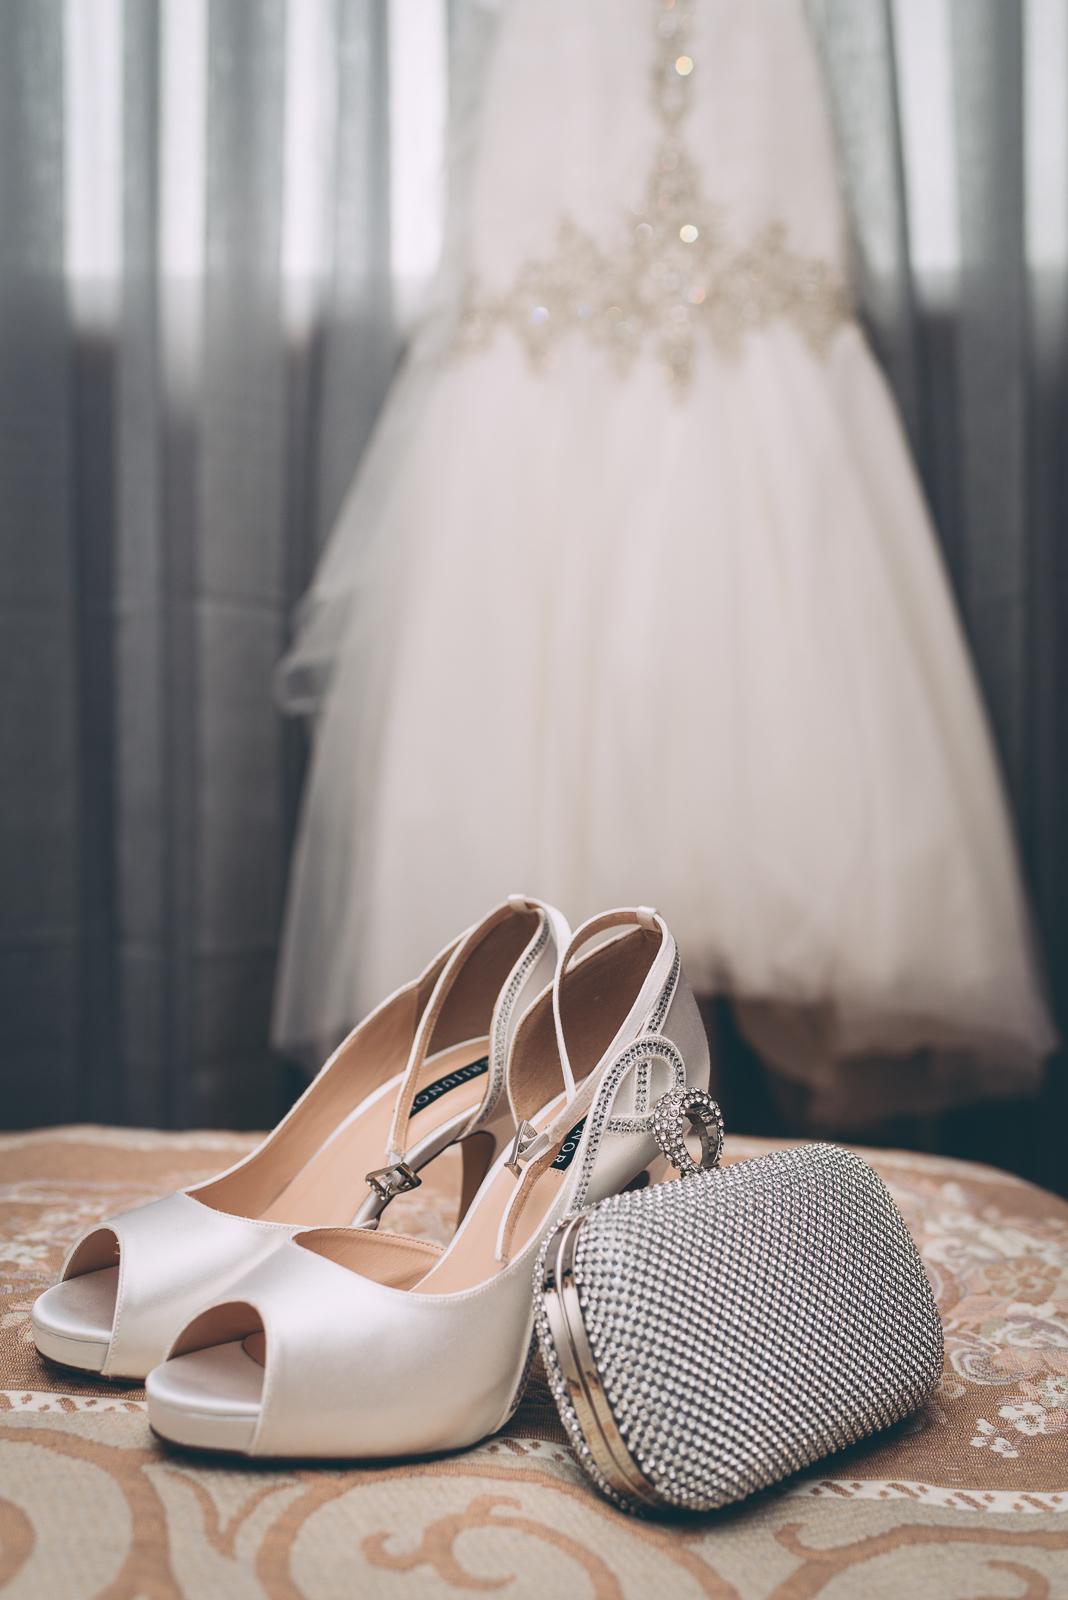 dan-josie-wedding-blog-17.jpg